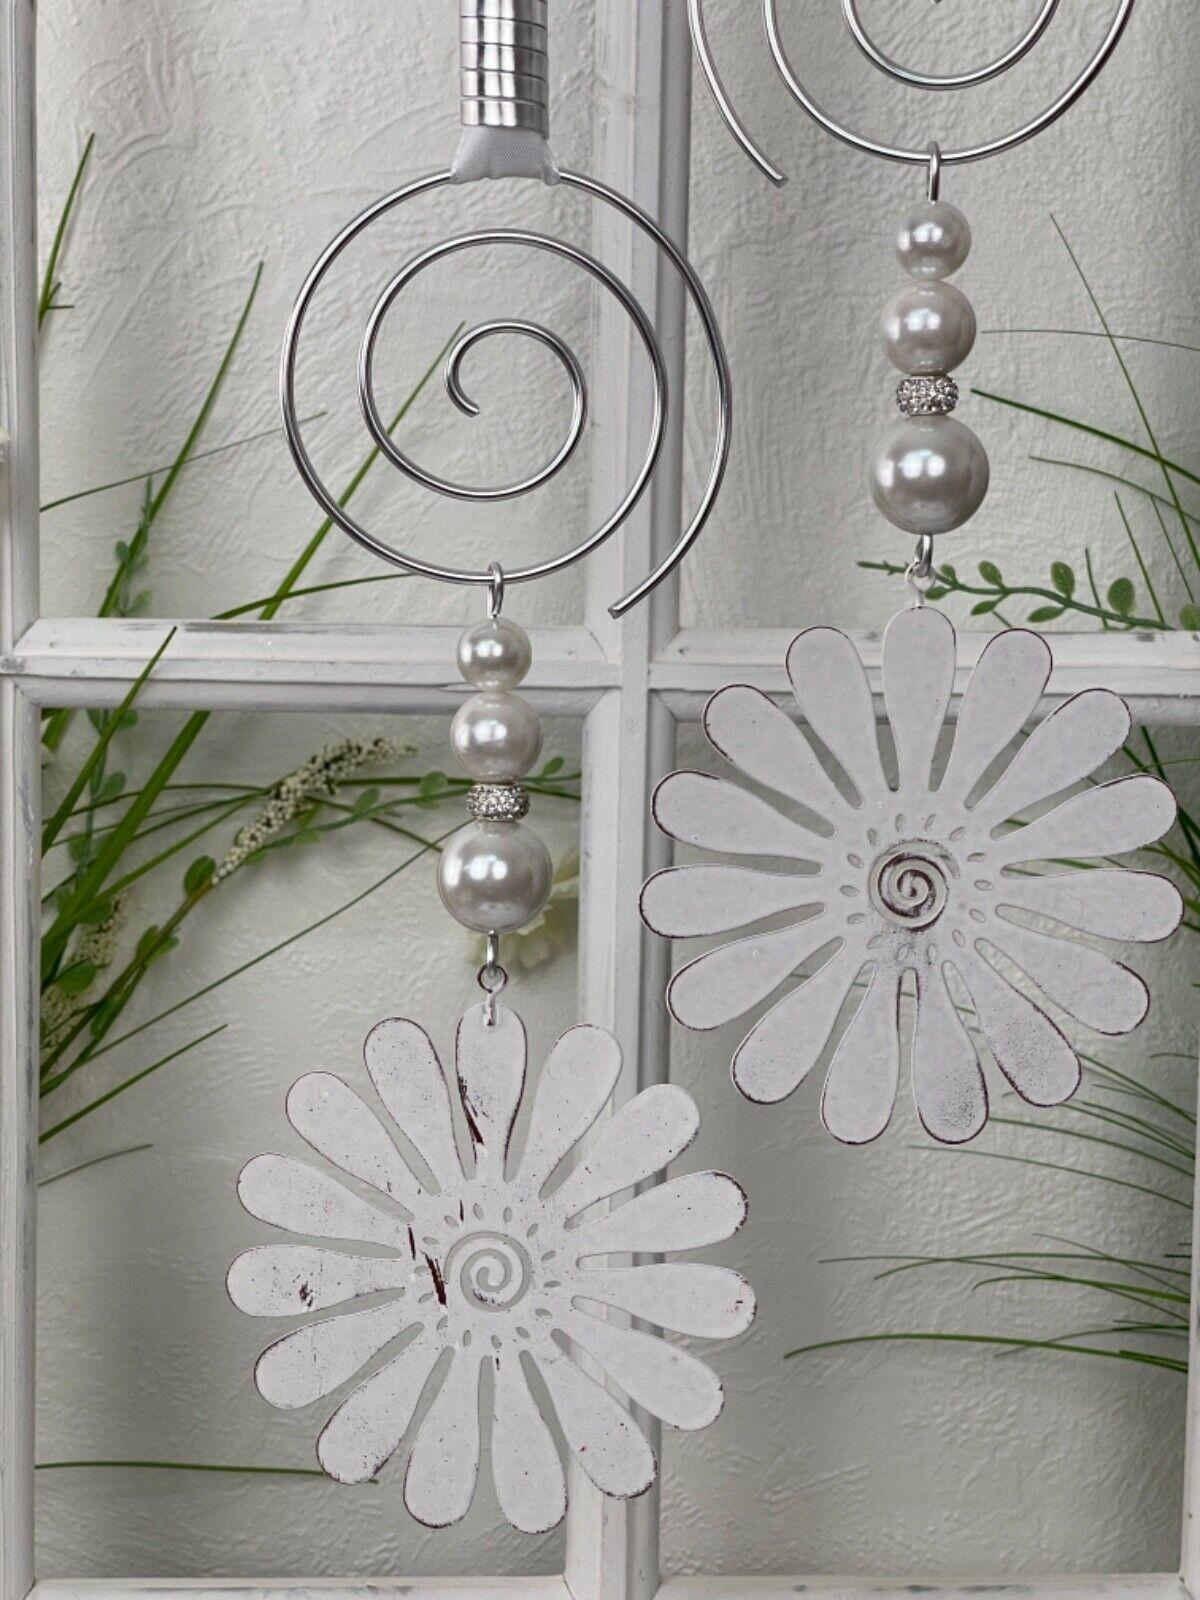 🌹 Fensterdeko, Hänger, Metall Blumen,11cm, Fensterdekoration, Dekohänger, Deko